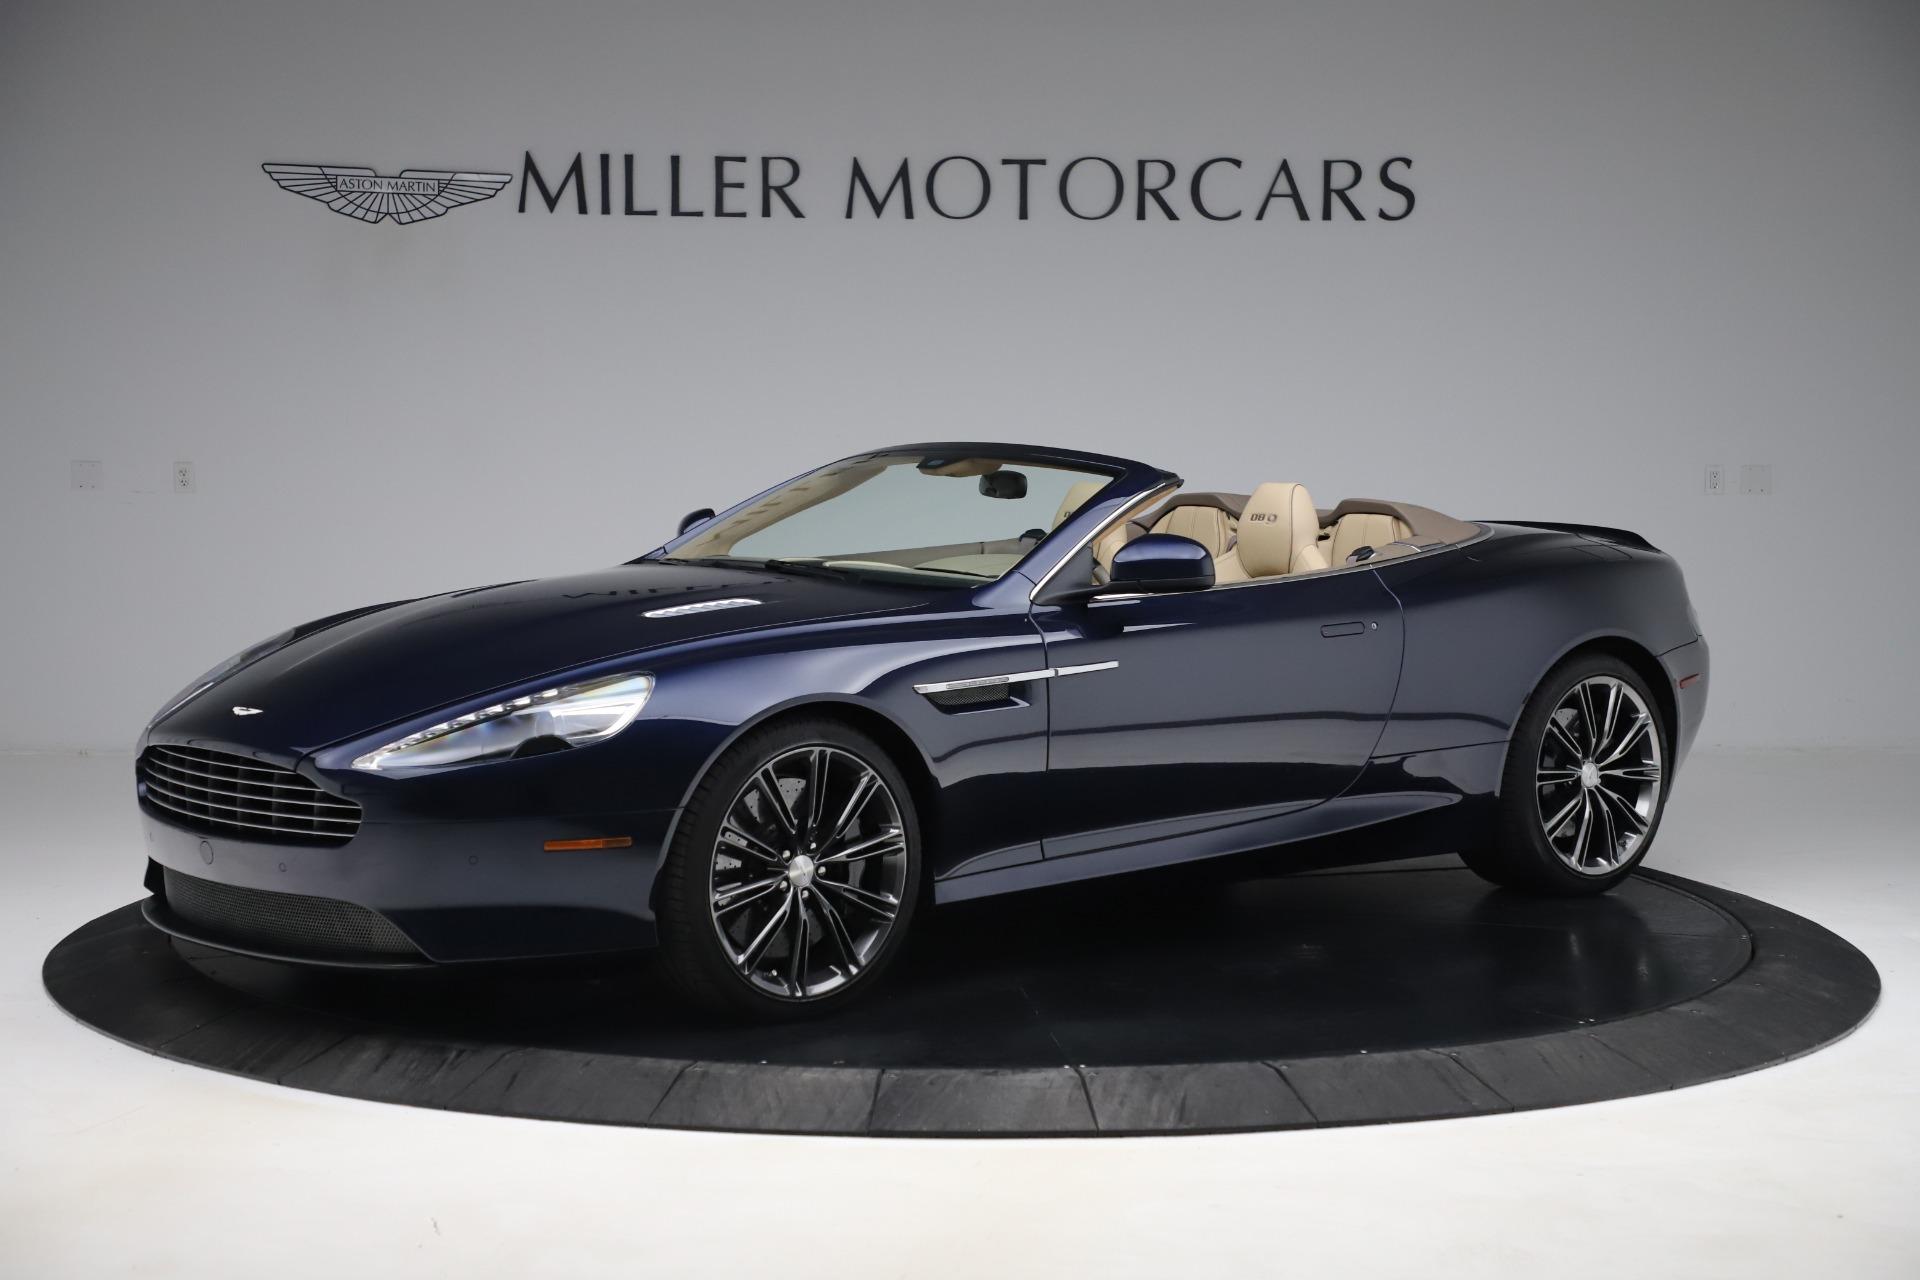 Pre Owned 2014 Aston Martin Db9 Volante For Sale 89 900 Mclaren Greenwich Stock 7701